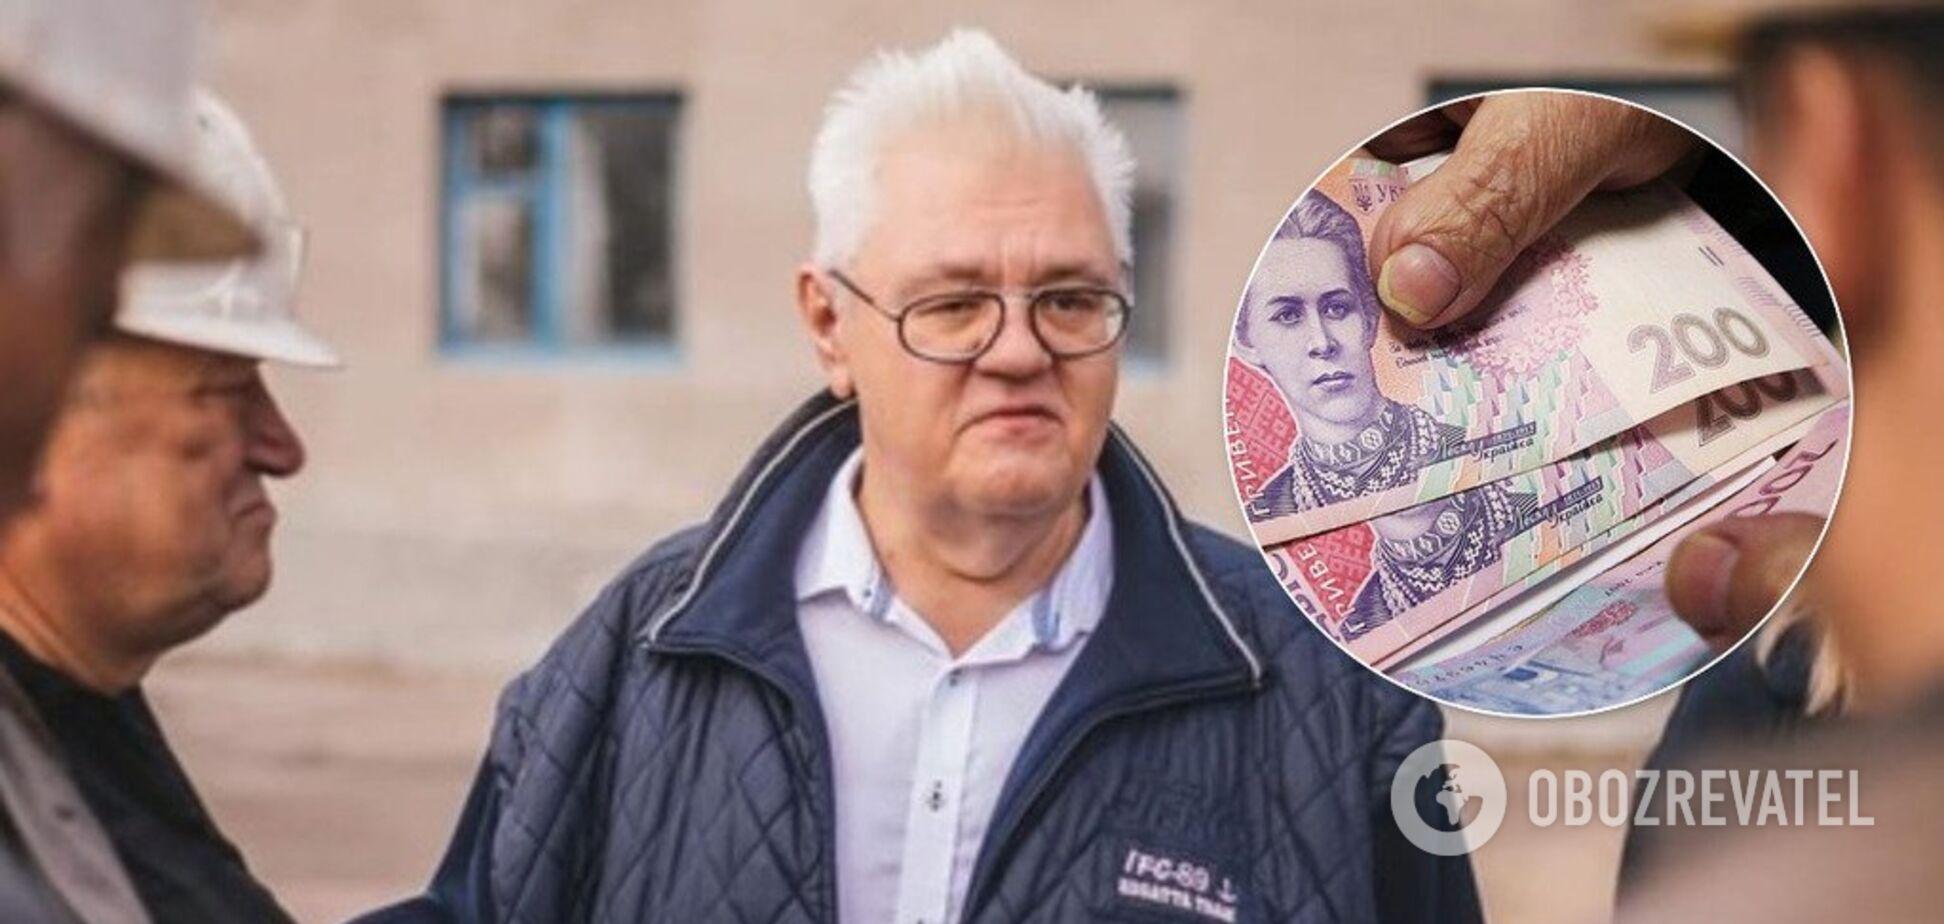 Сивохо розкритикував Раду за рішення про пенсії для 'Л/ДНР'